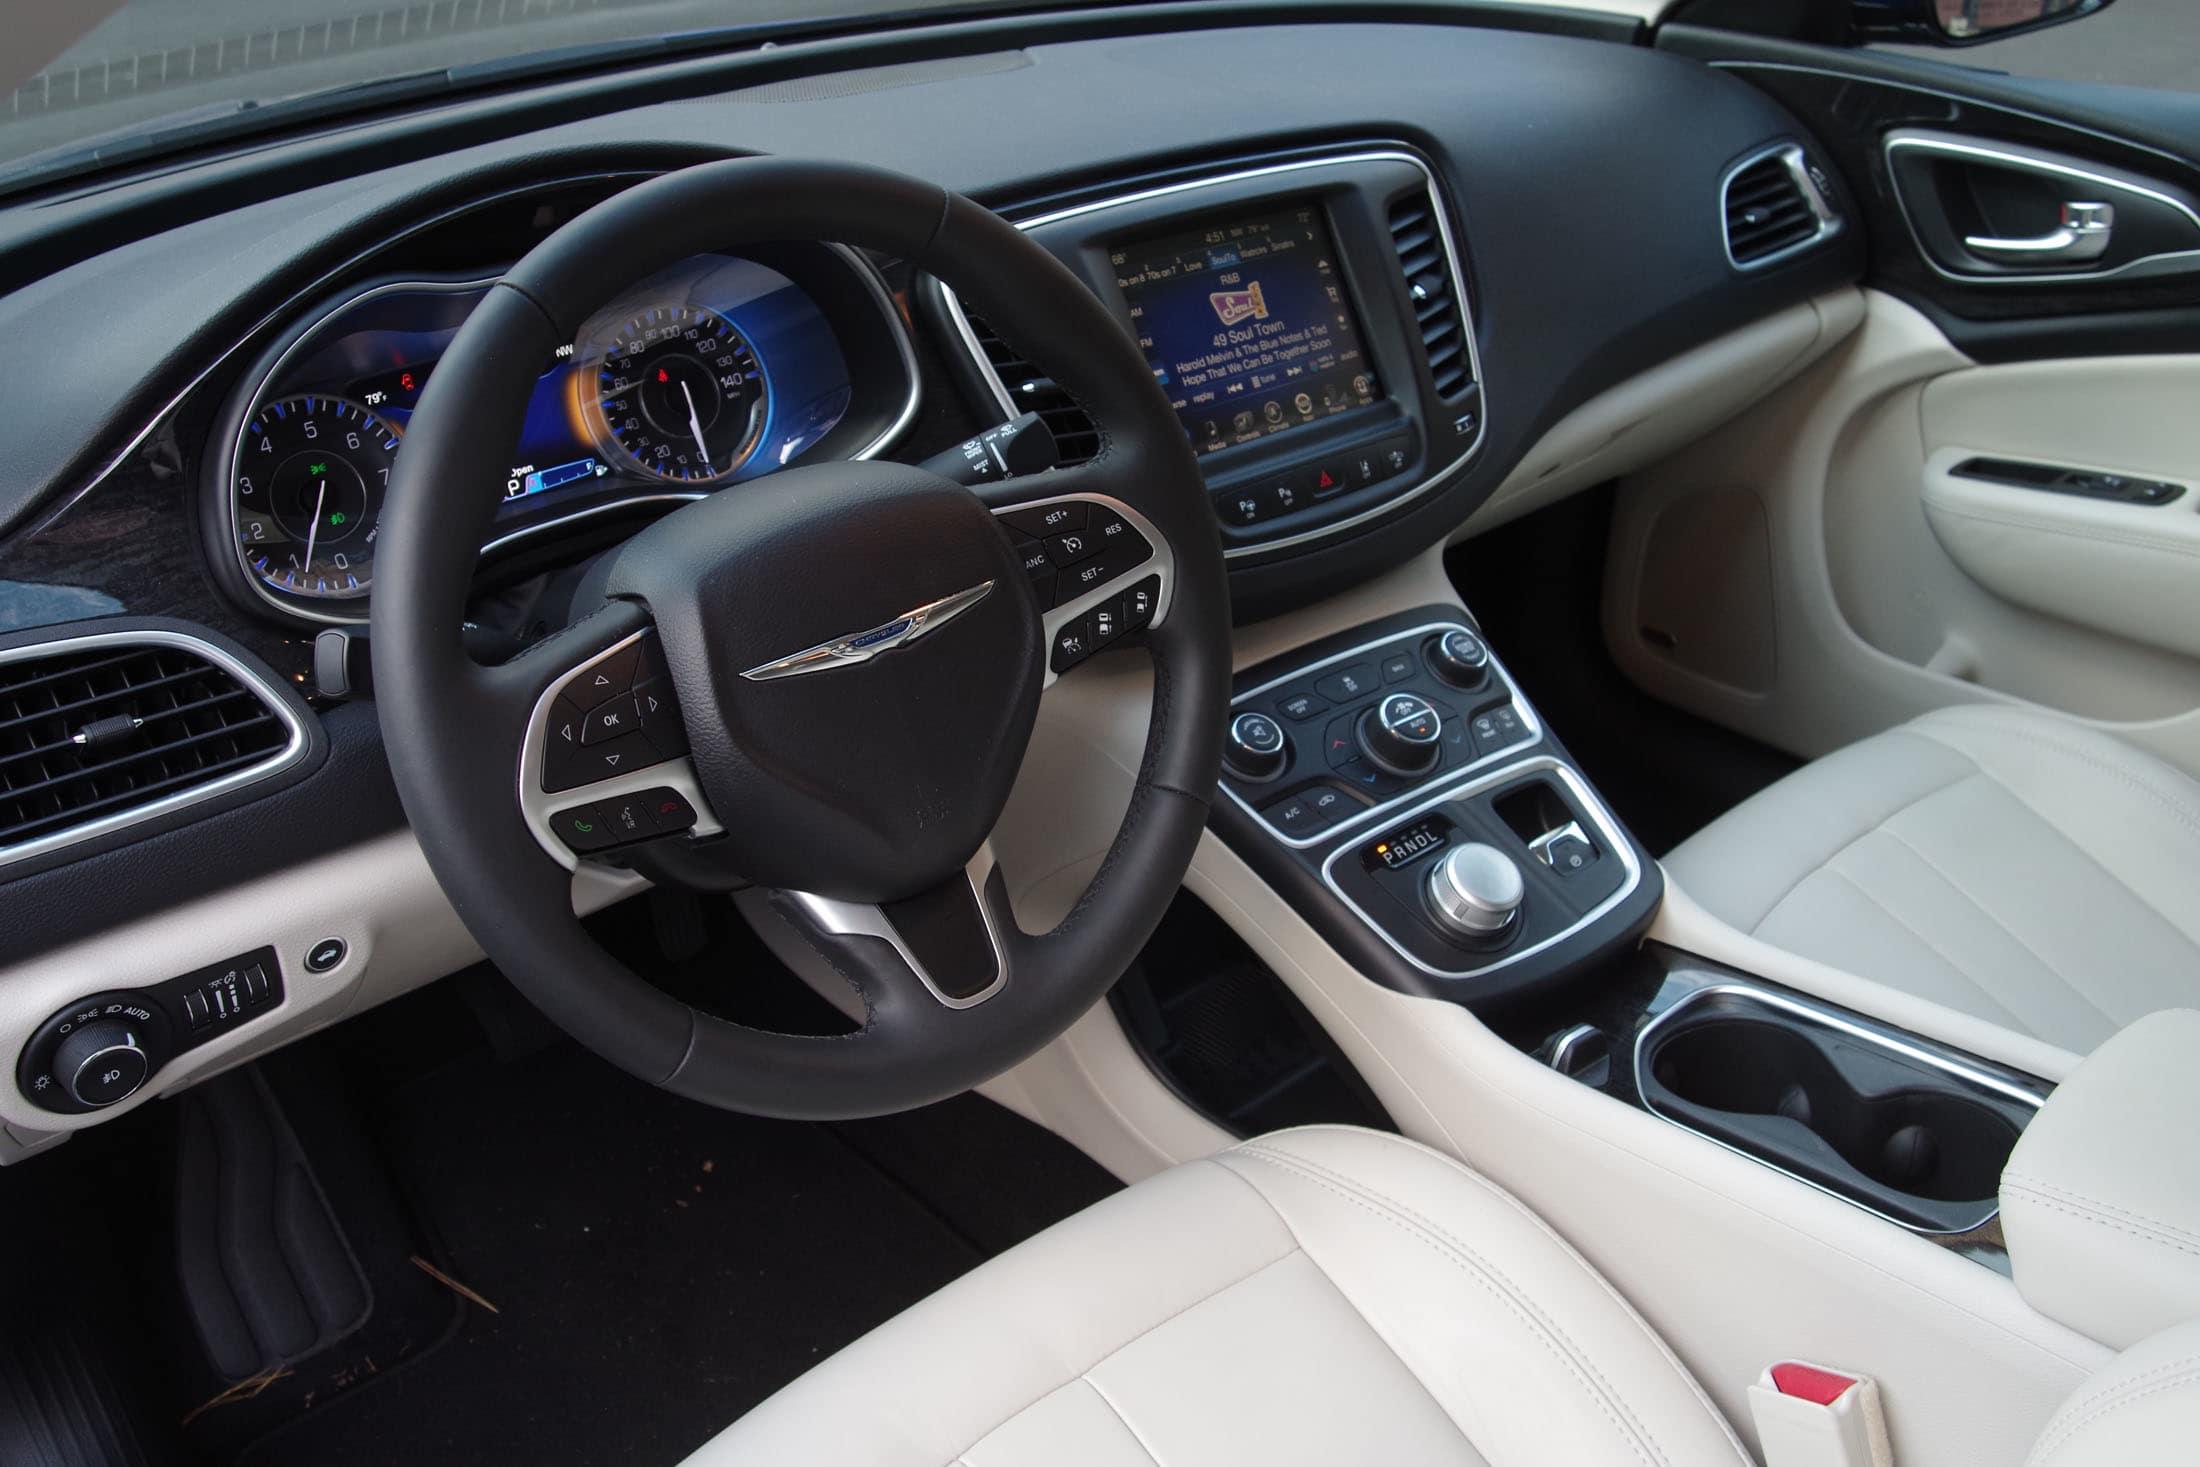 2015 Chrysler 200 dashboard